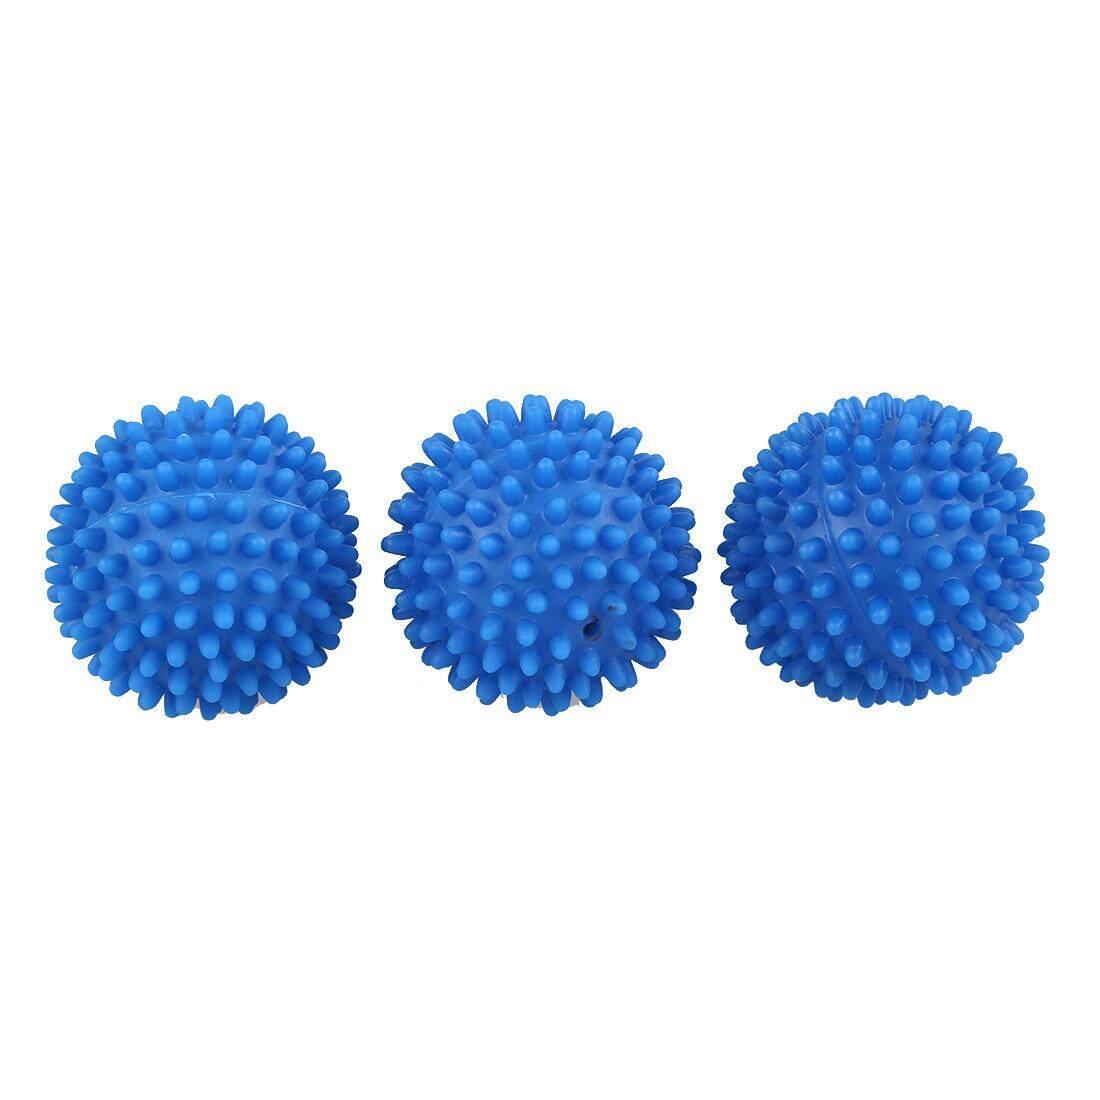 Casual Hanley Blue Biru Daftar Harga Terbaru dan Terupdate Indonesia Source · 4 x Blue Reusable